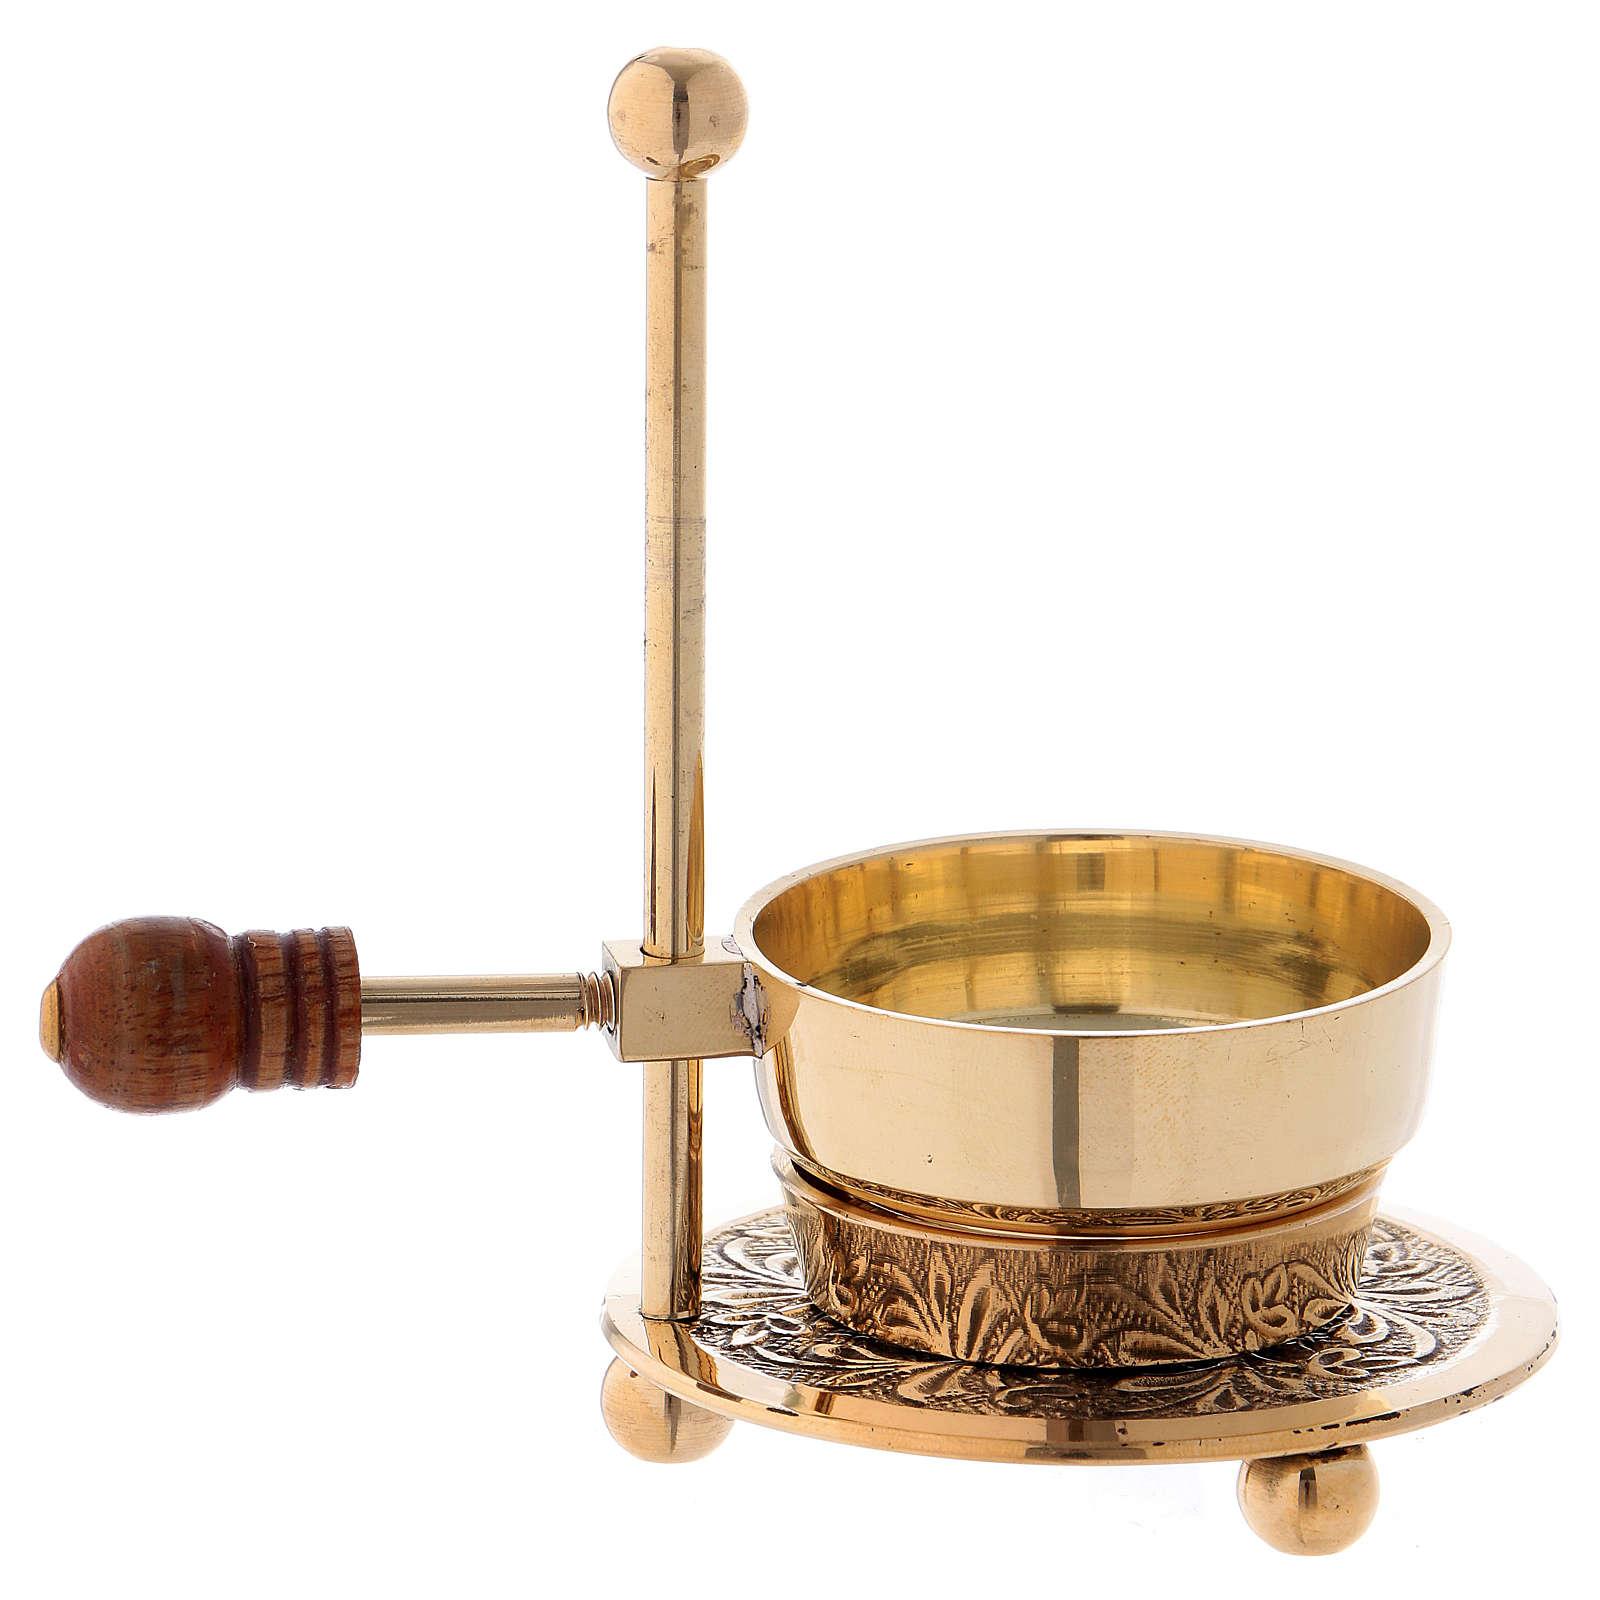 Bruciaincenso ottone dorato lucido con pomello in legno 11 cm 3